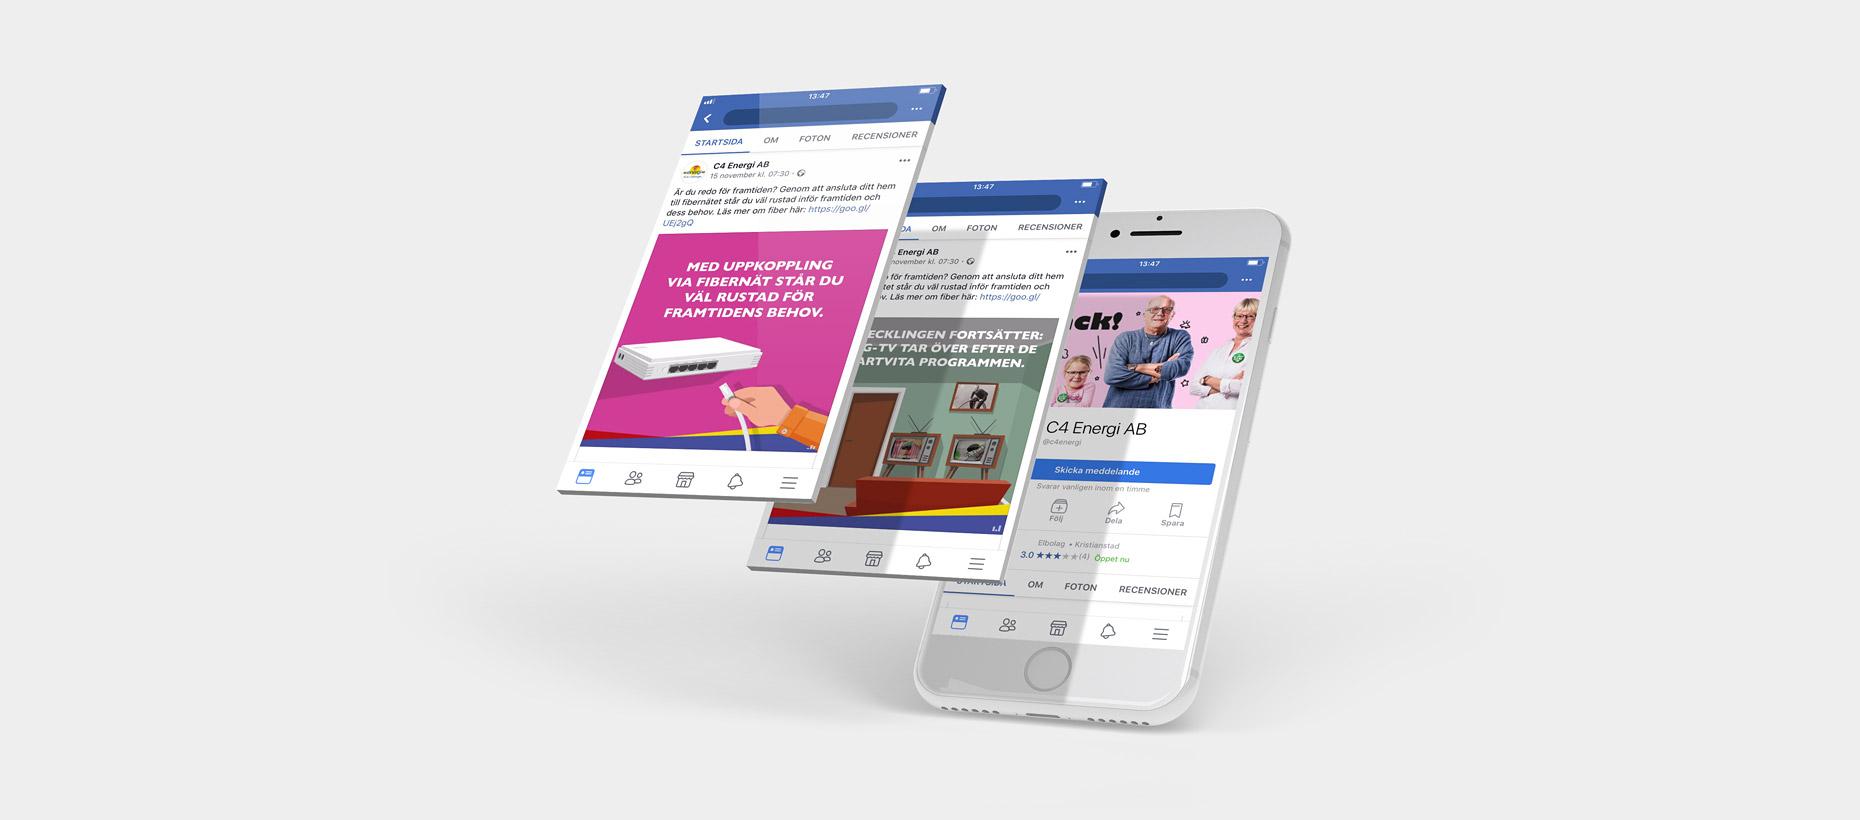 C4 Energi - Kampanj Facebook